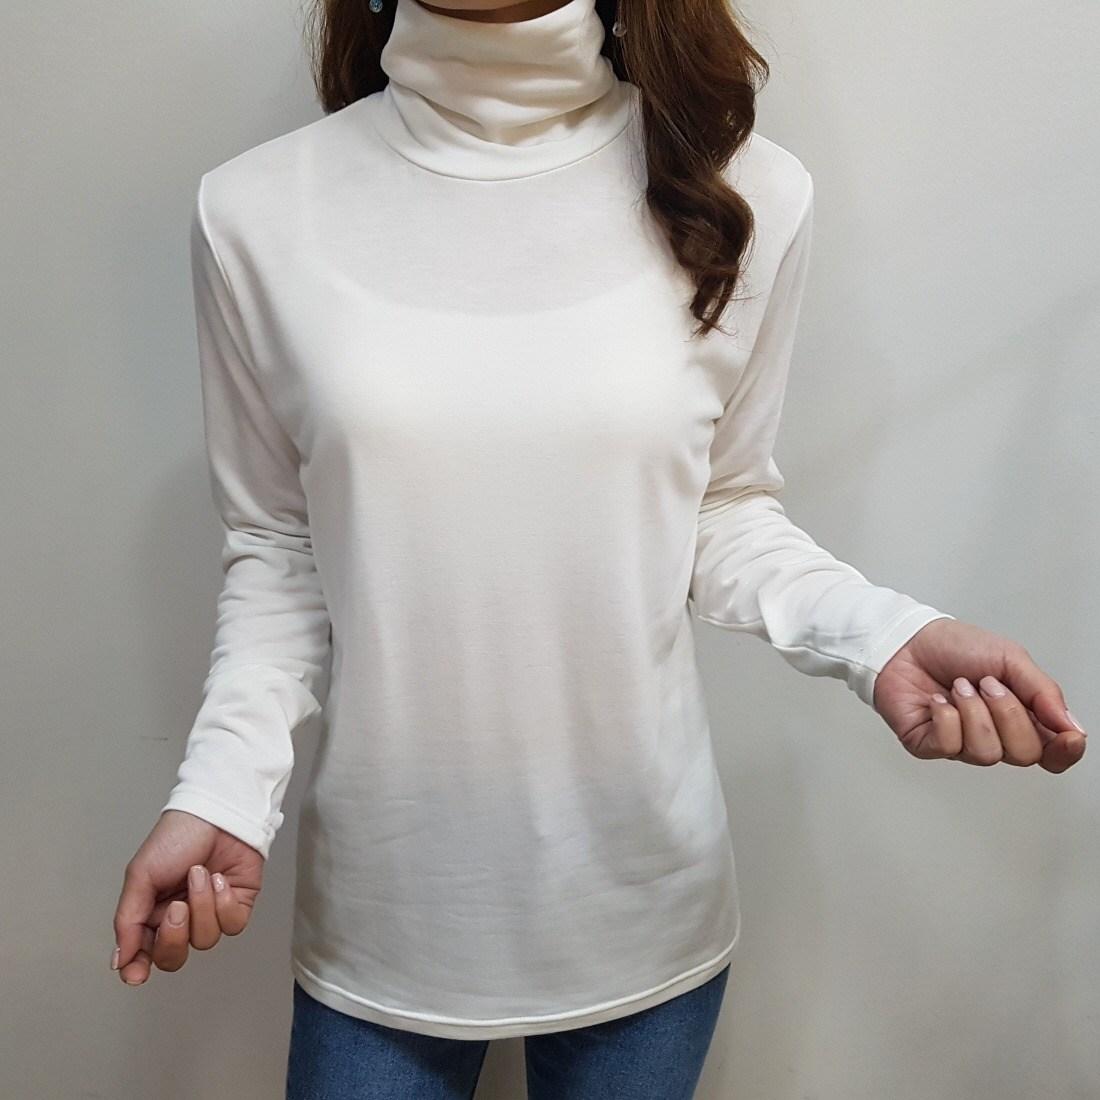 디바스타 여성용 포근한 겨울 이너 기모 폴라티셔츠